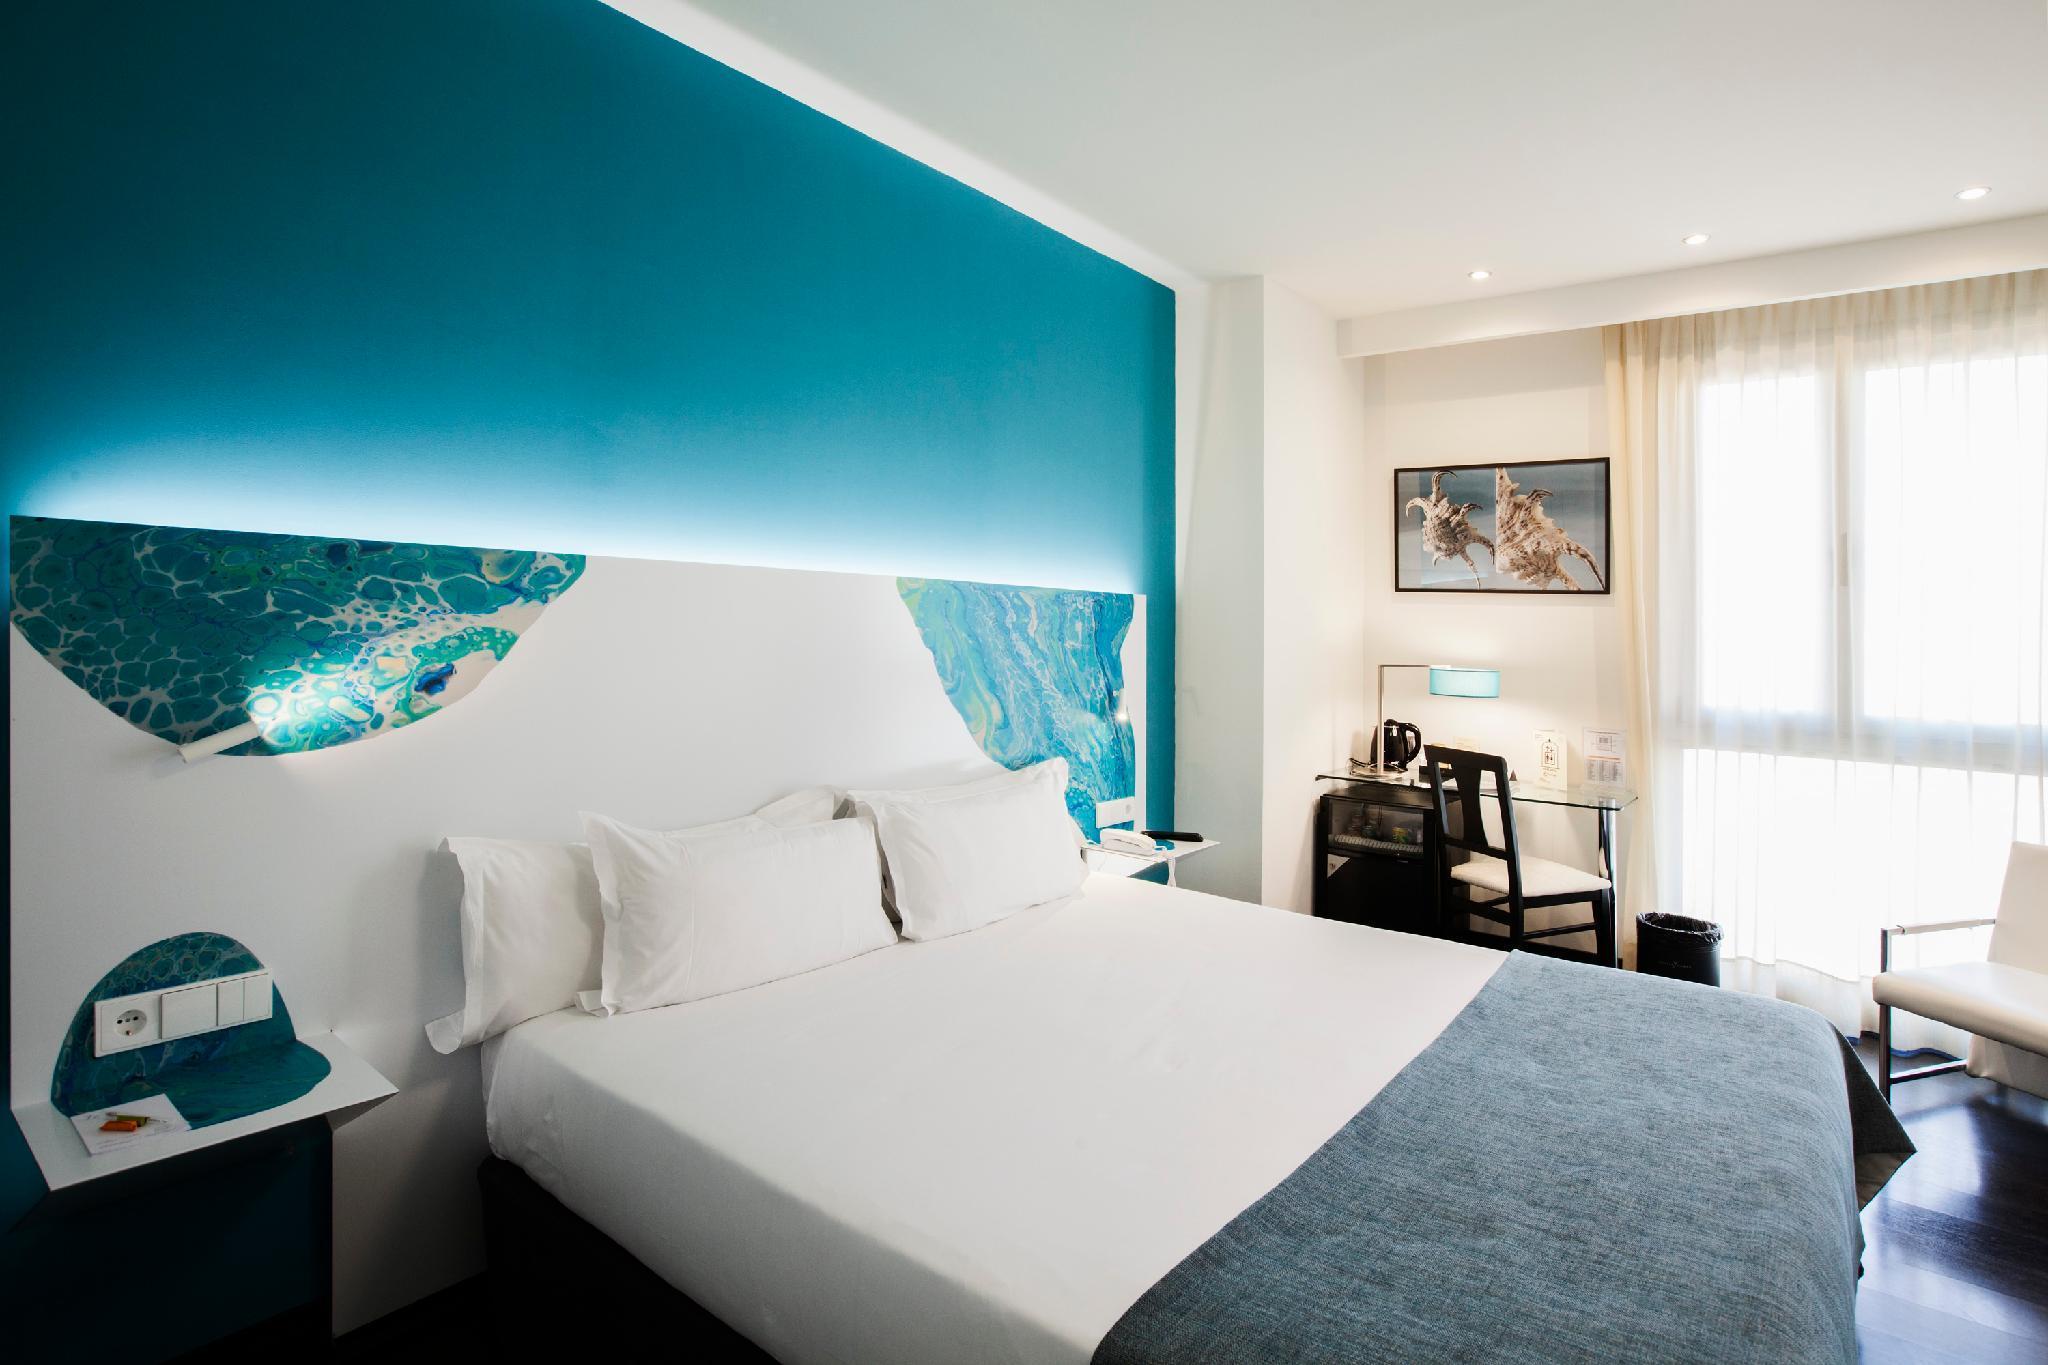 Hotel Concordia, Barcelona